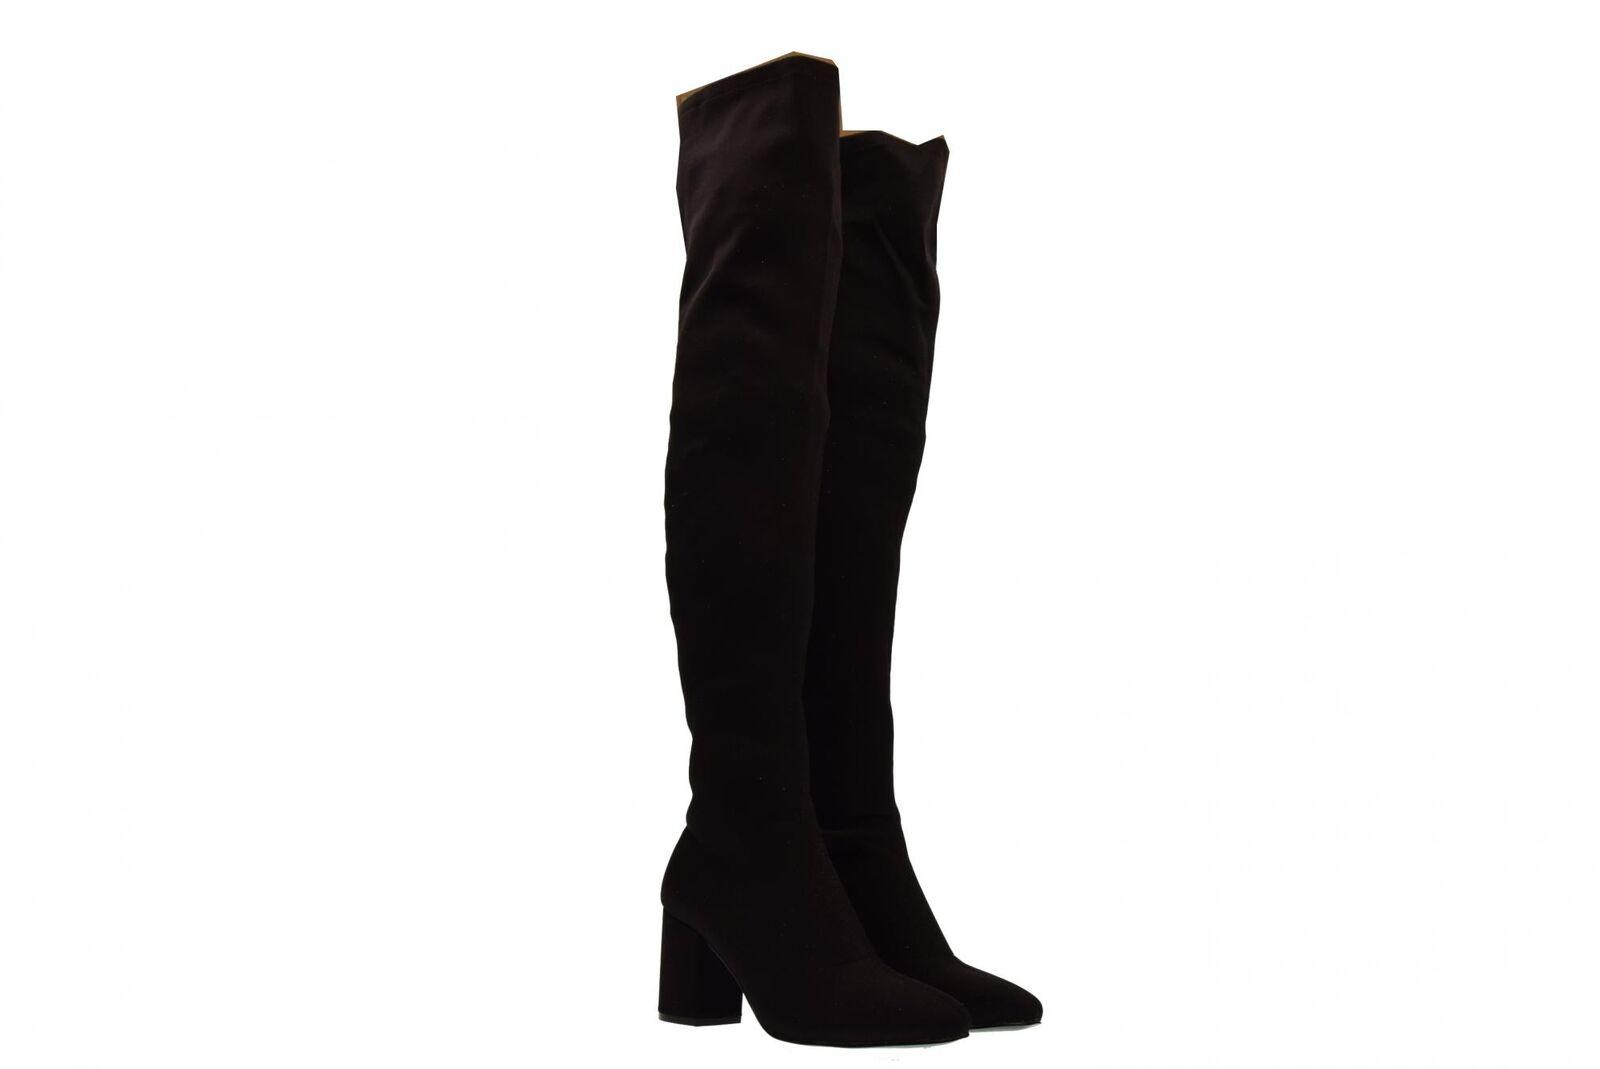 Gioseppo A18g Damenschuhe hochelastischer knielanger Stiefel 46485 mittlerer Abs